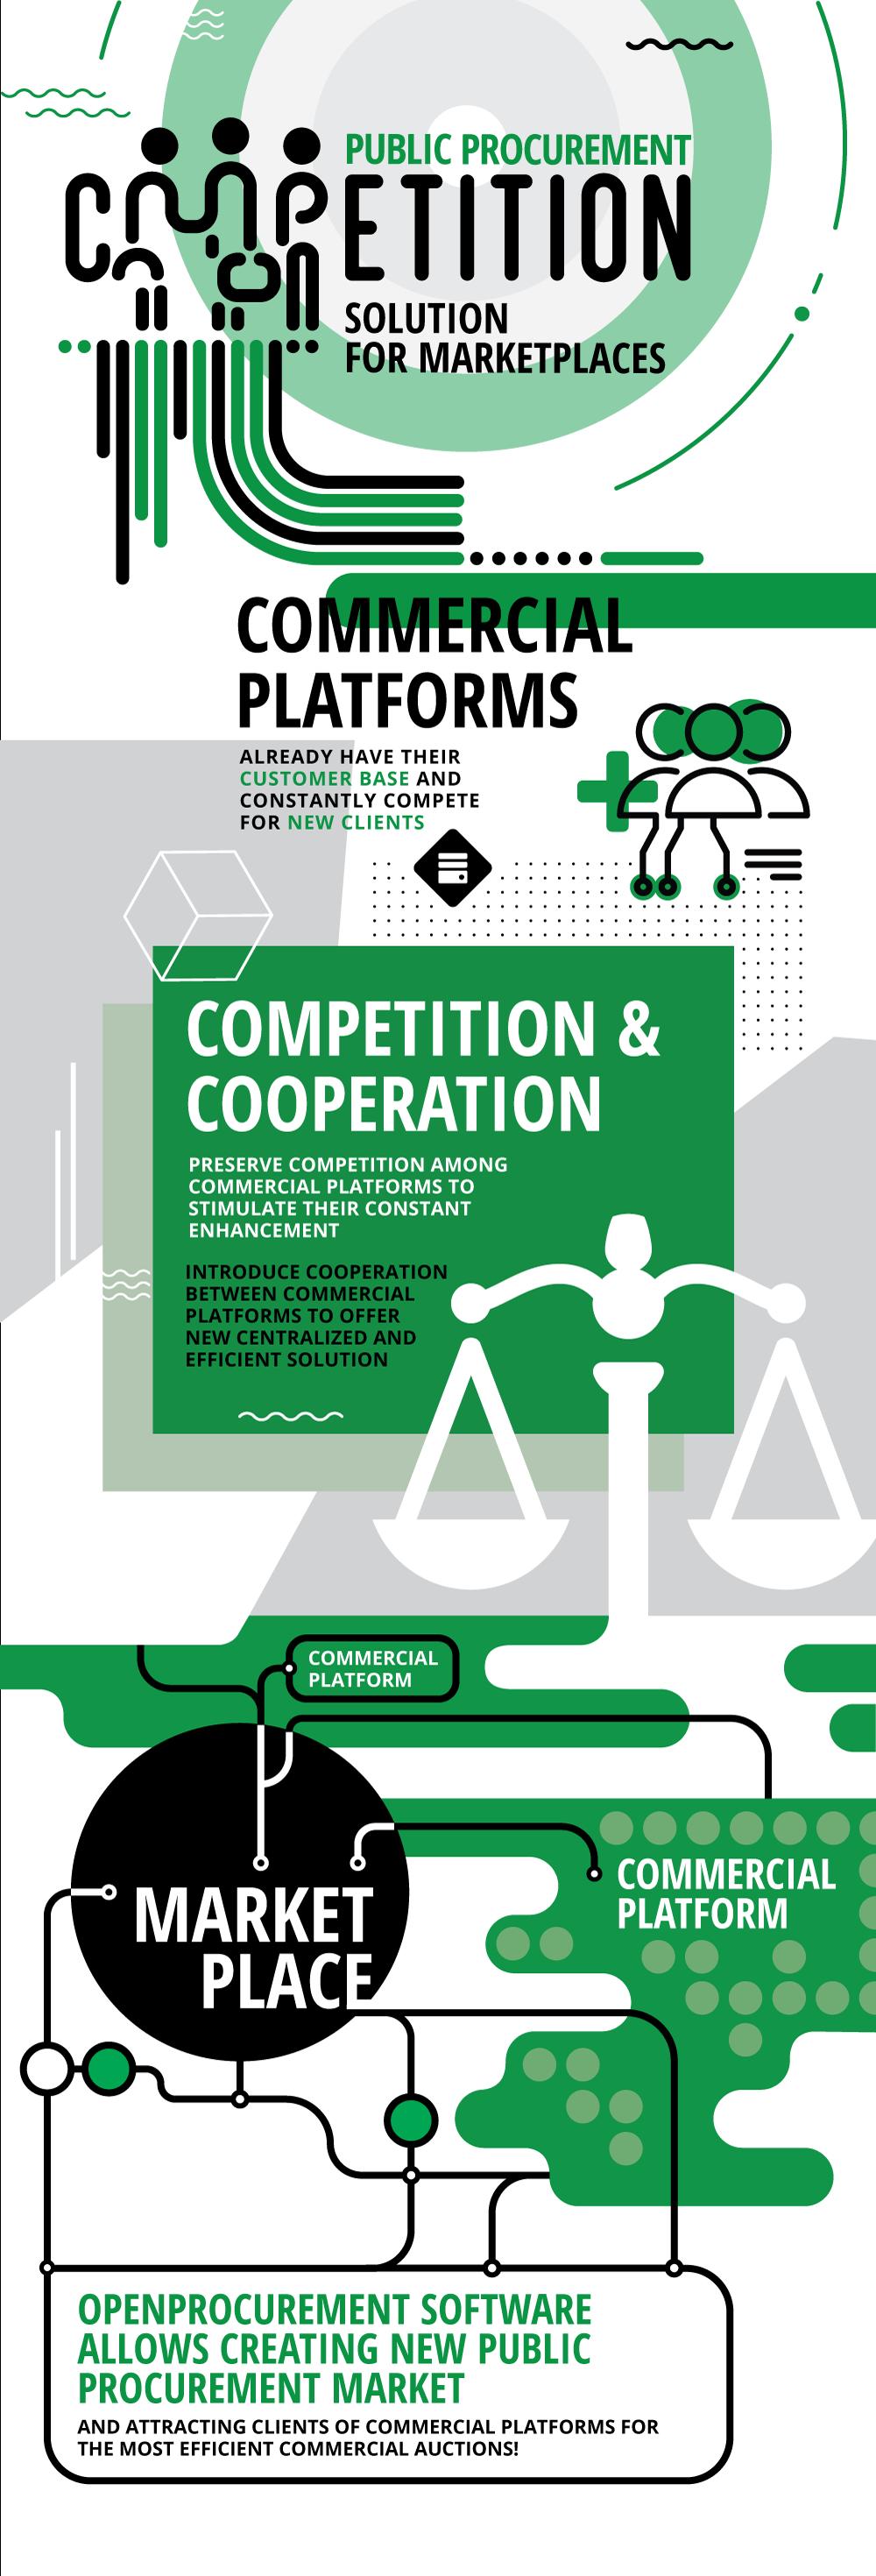 Public Procurement - Coopetition solution for marketplaces